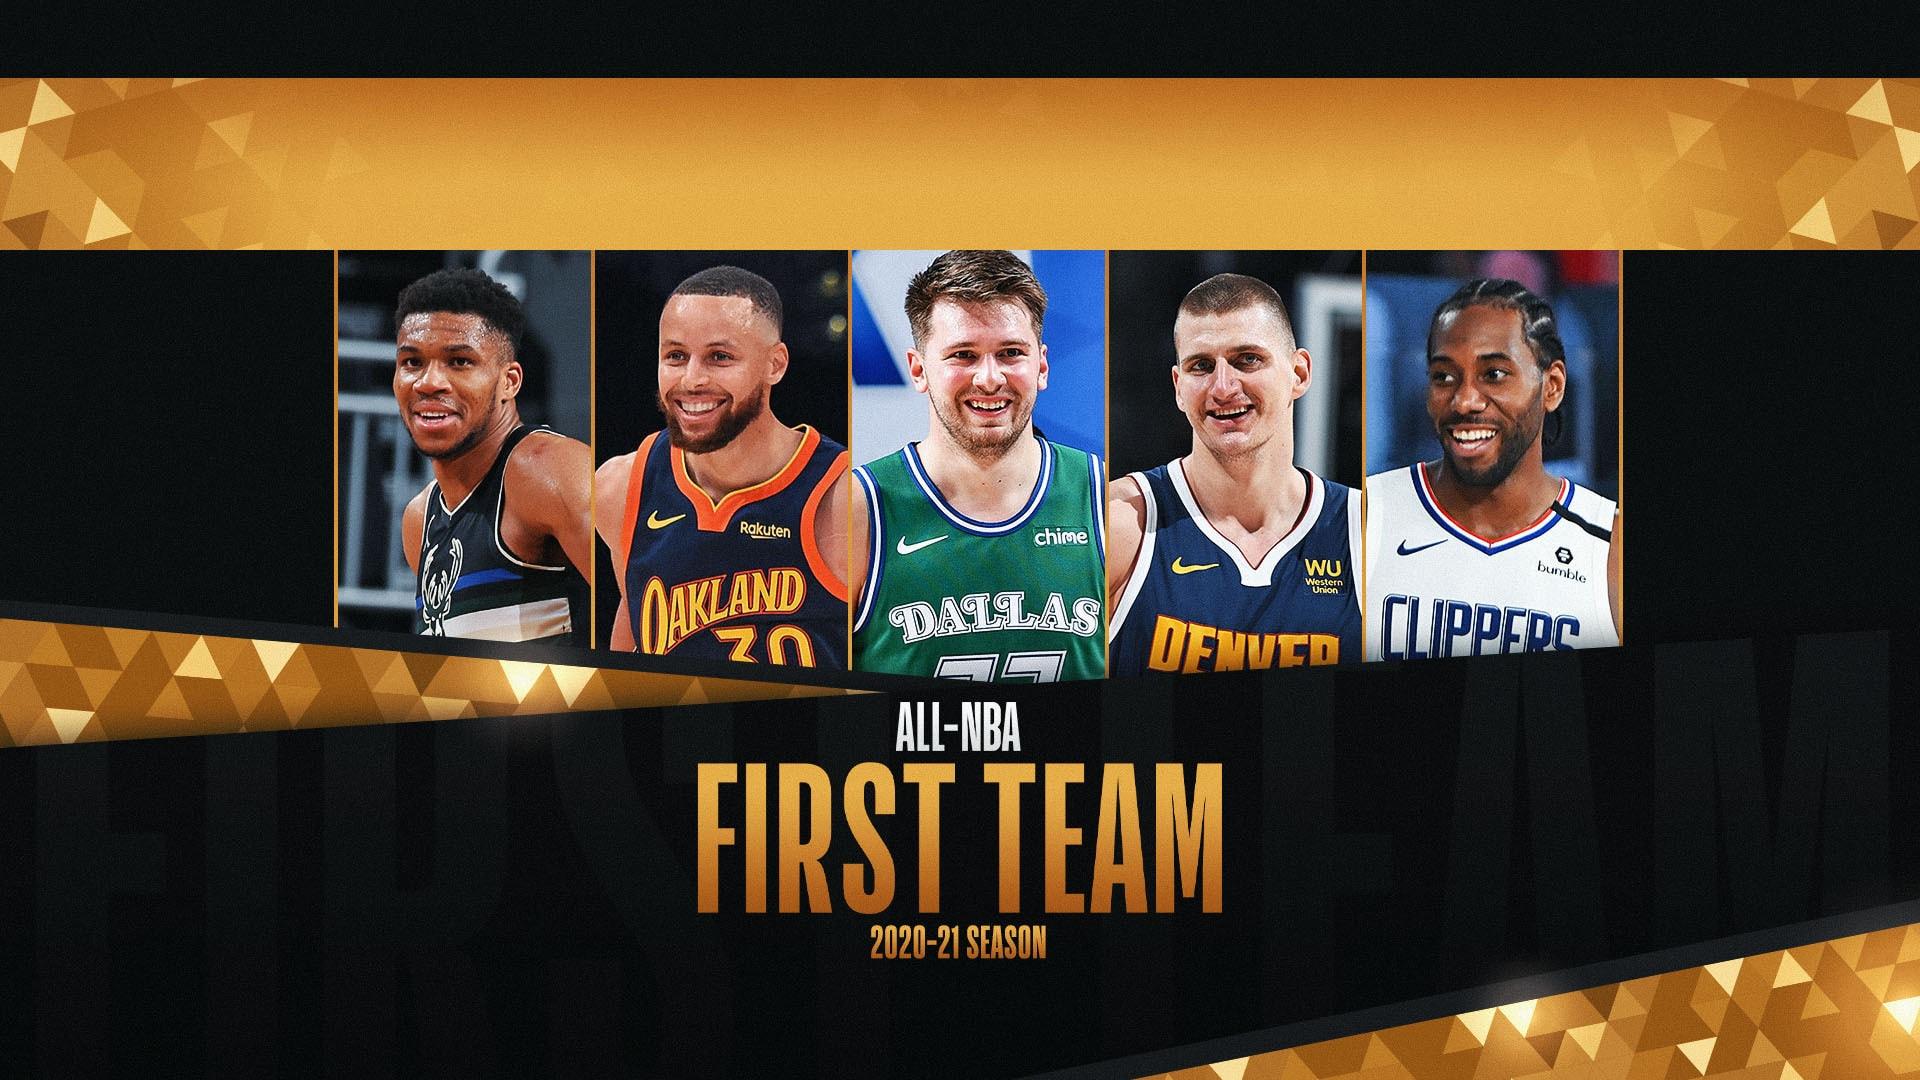 Nikola Jokic, Giannis Antetokounmpo, Stephen Curry lead 2020-21 All-NBA First Team